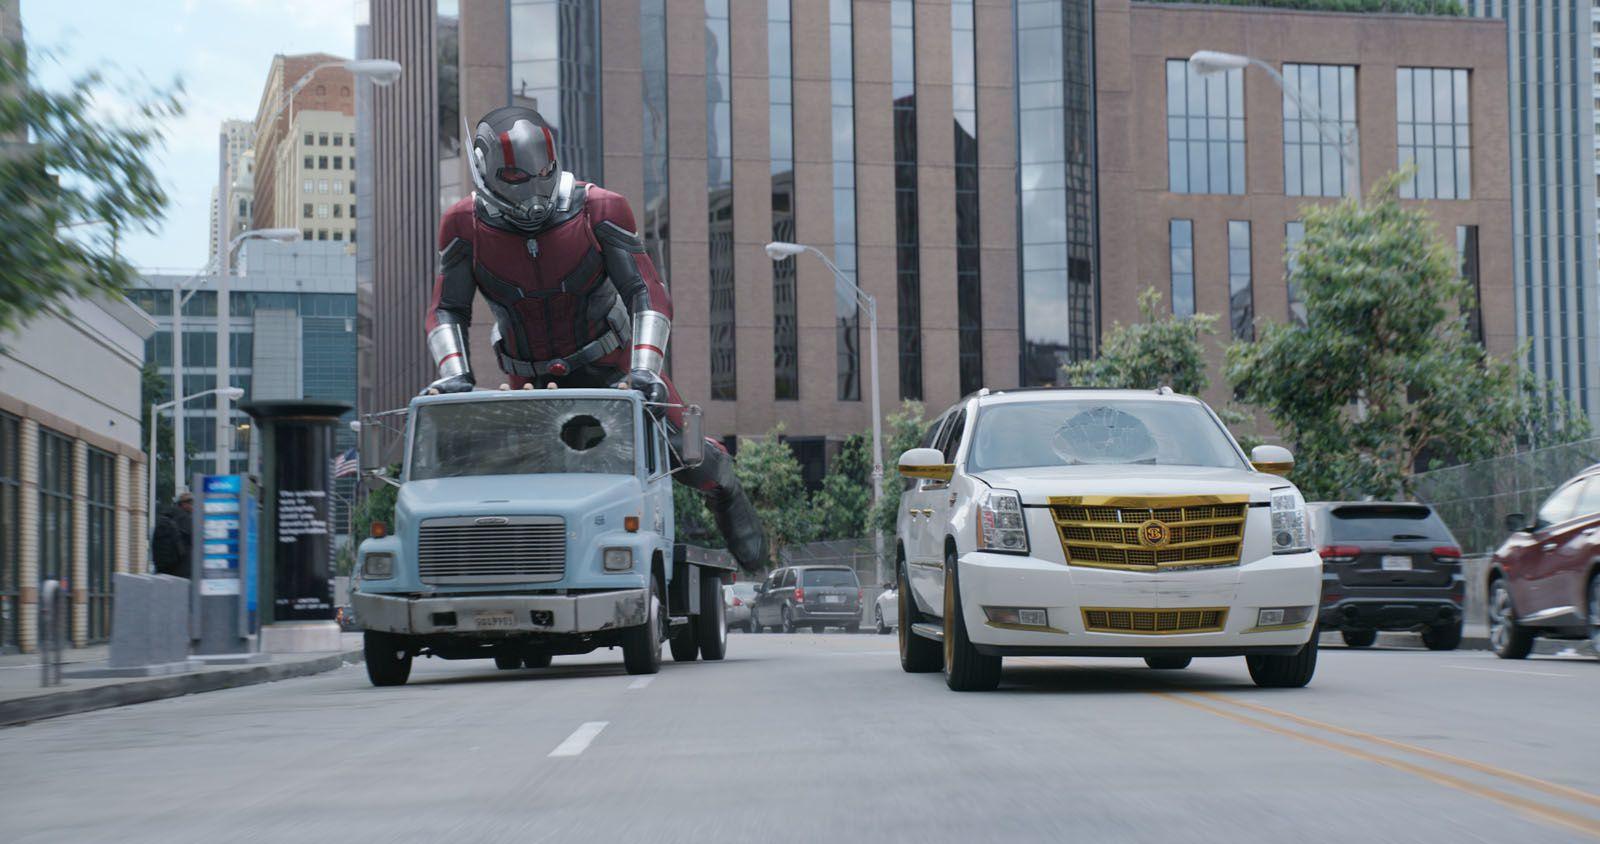 Ant-Man et la Guêpe (BANDE-ANNONCE OFFICIELLE) avec Paul Rudd, Michael Douglas - Le 18 juillet 2018 au cinéma